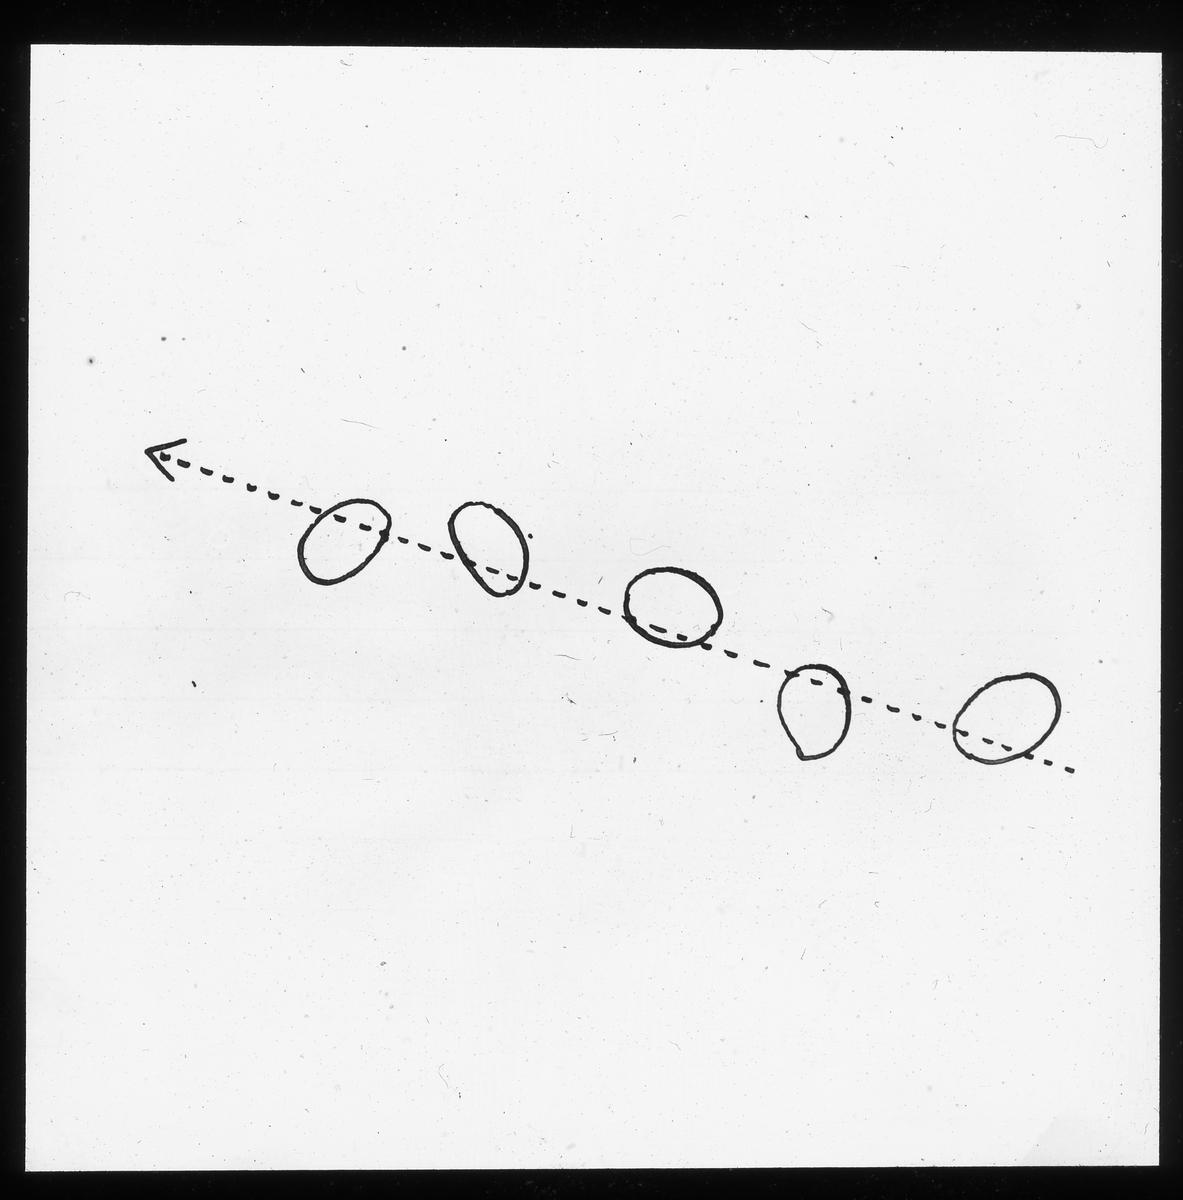 Skioptikonbild från Institutionen för fotografi vid Kungliga Tekniska Högskolan. Använd av professor Helmer Bäckström som föreläsningsmaterial. Bäckström var Sveriges första professor i fotografi vid Kungliga Tekniska Högskolan i Stockholm 1948-1958. Beskrivning av atom-strålning.